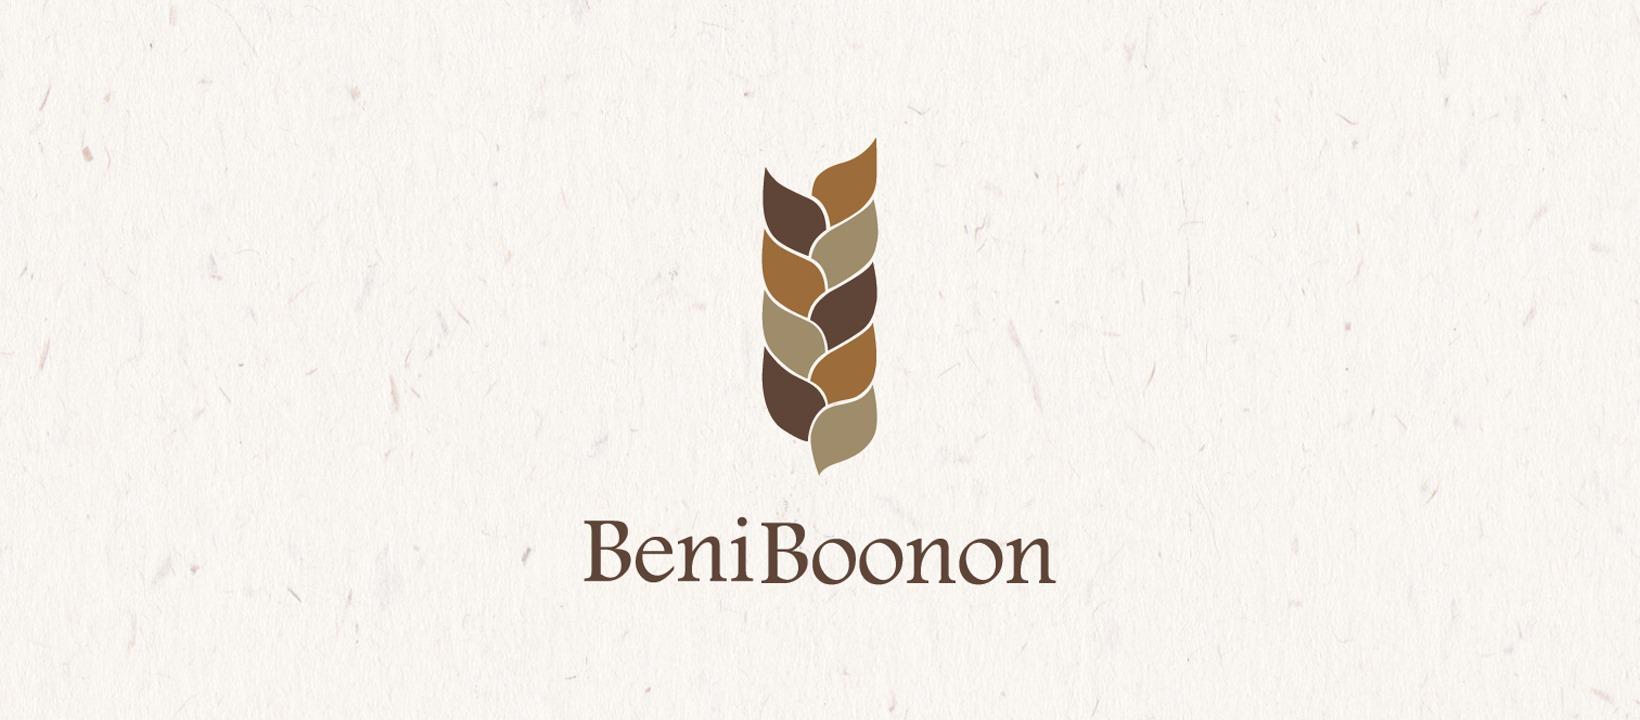 「ユニマートに5月4日から出店したジュート商品を取り扱う地元ブランド」Beni Boonon